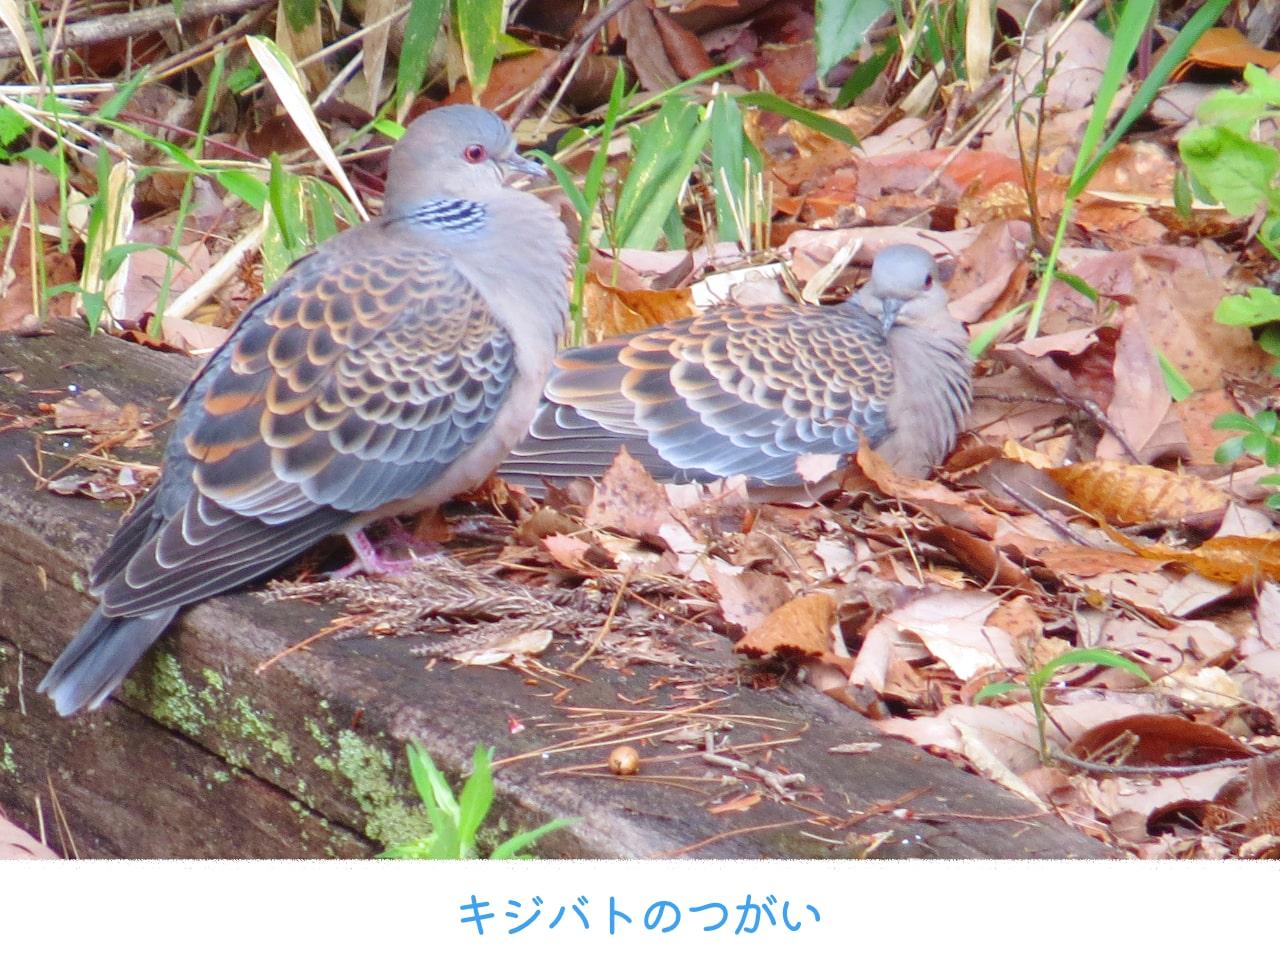 2羽でいるキジバトの画像